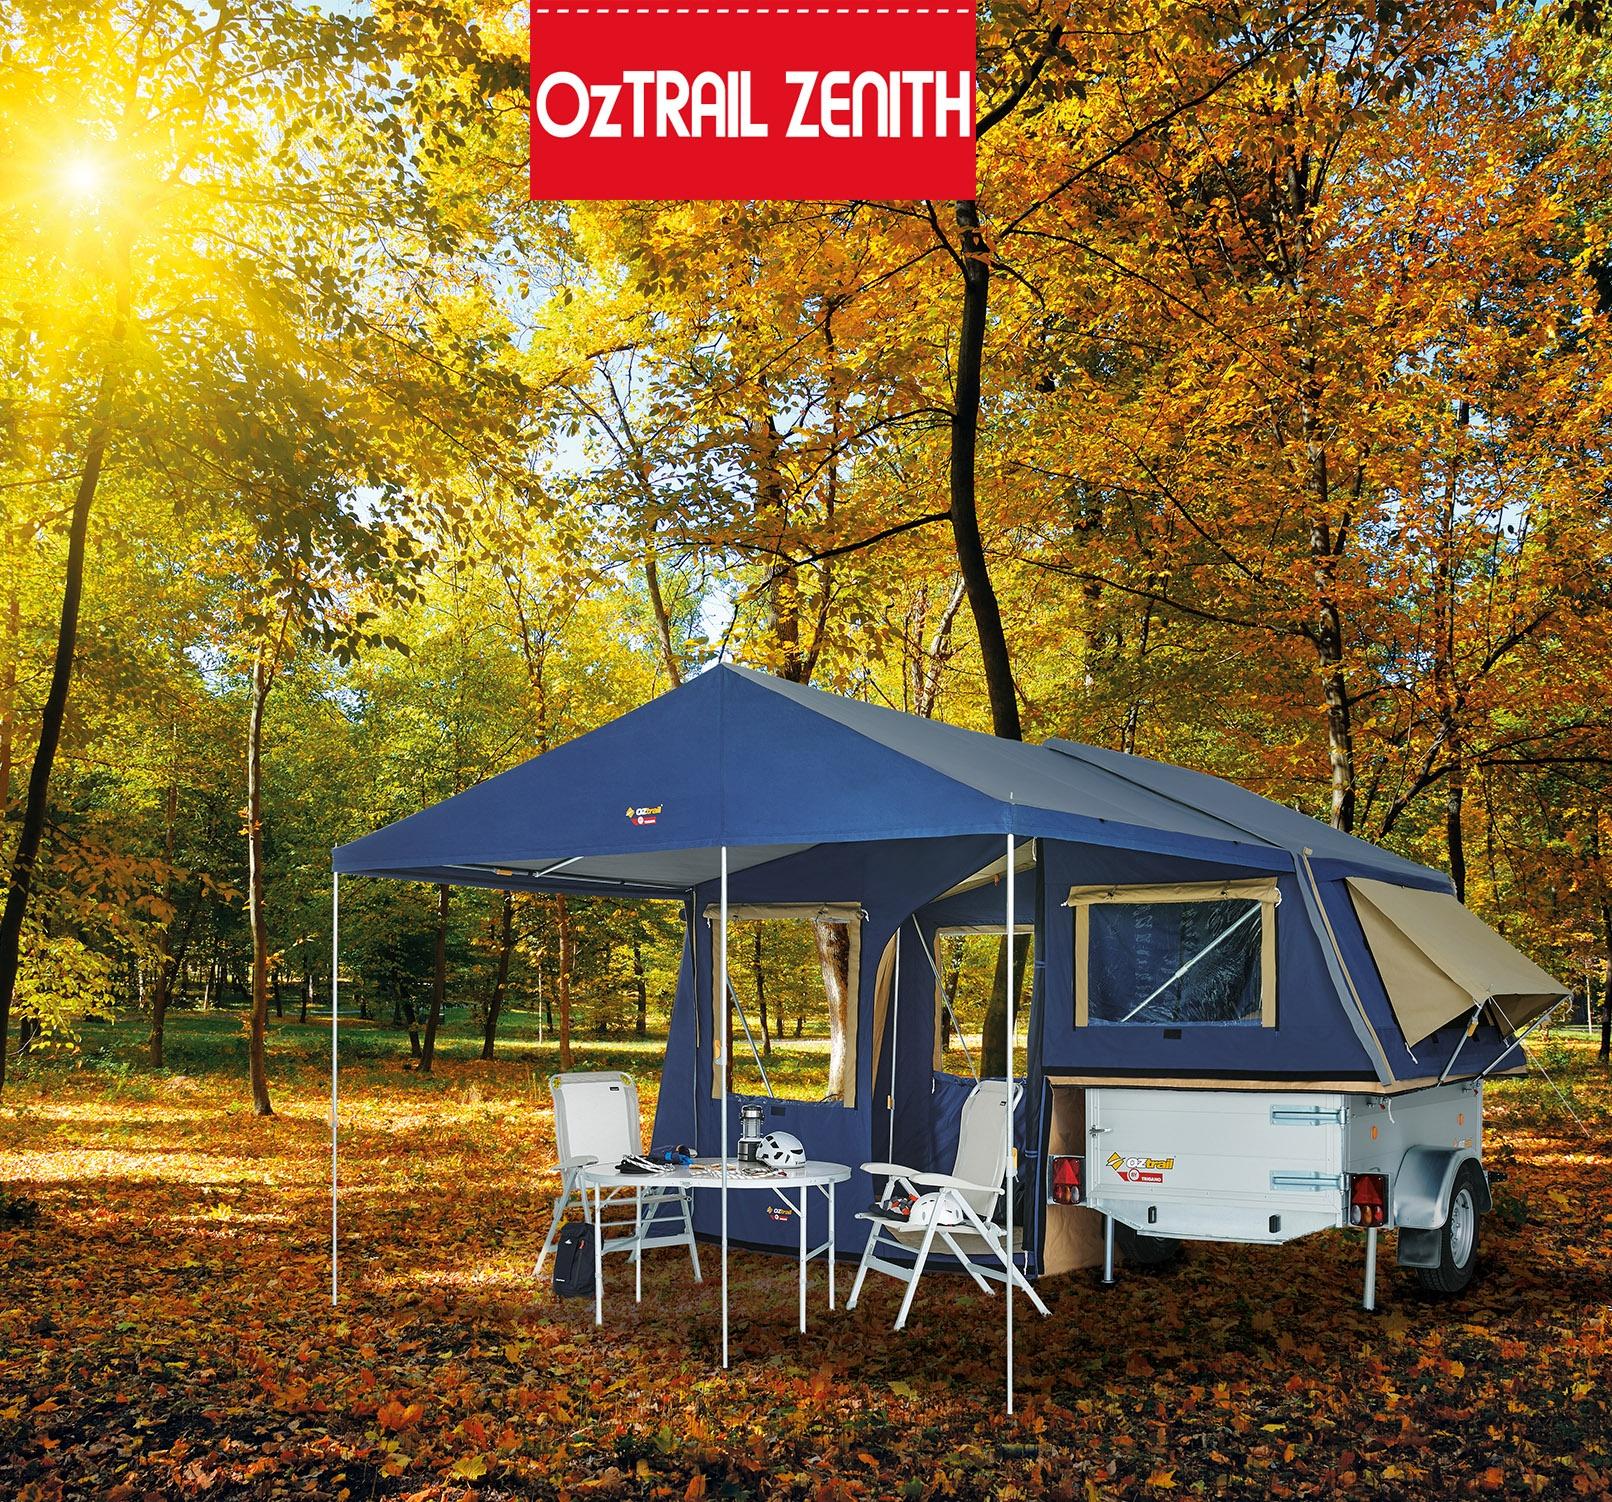 šotorske-kamp-počitniške-brako-camplet-prikolice-trigano-oztrail-zenith-zenith1000